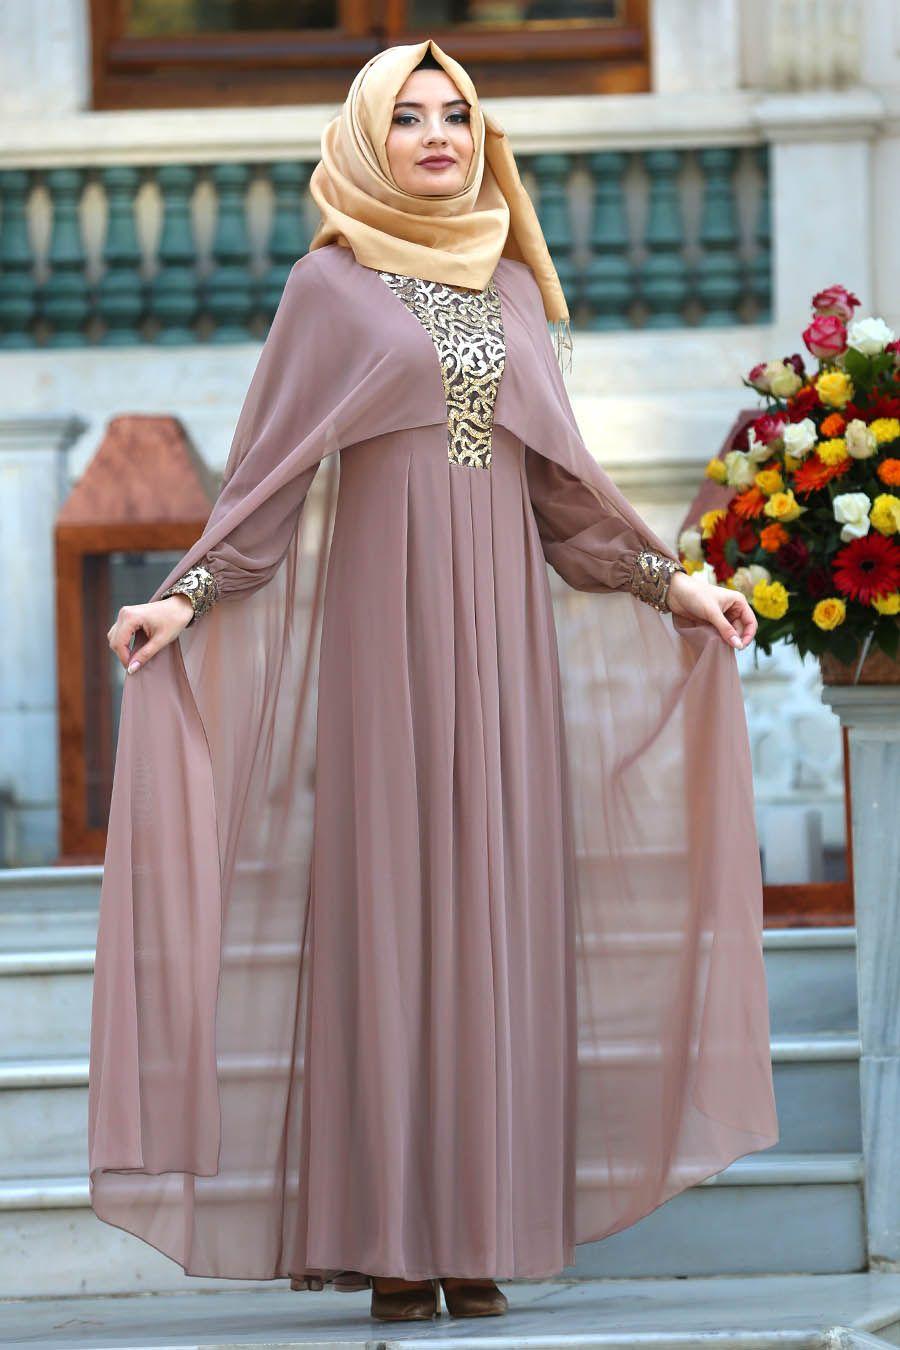 2018 Yeni Sezon Abiye Koleksiyonu Neva Style Pelerinli Pul Payetli Vizon Tesettur Abiye Elbise 52551v Elbise Giyim Abaya Modasi